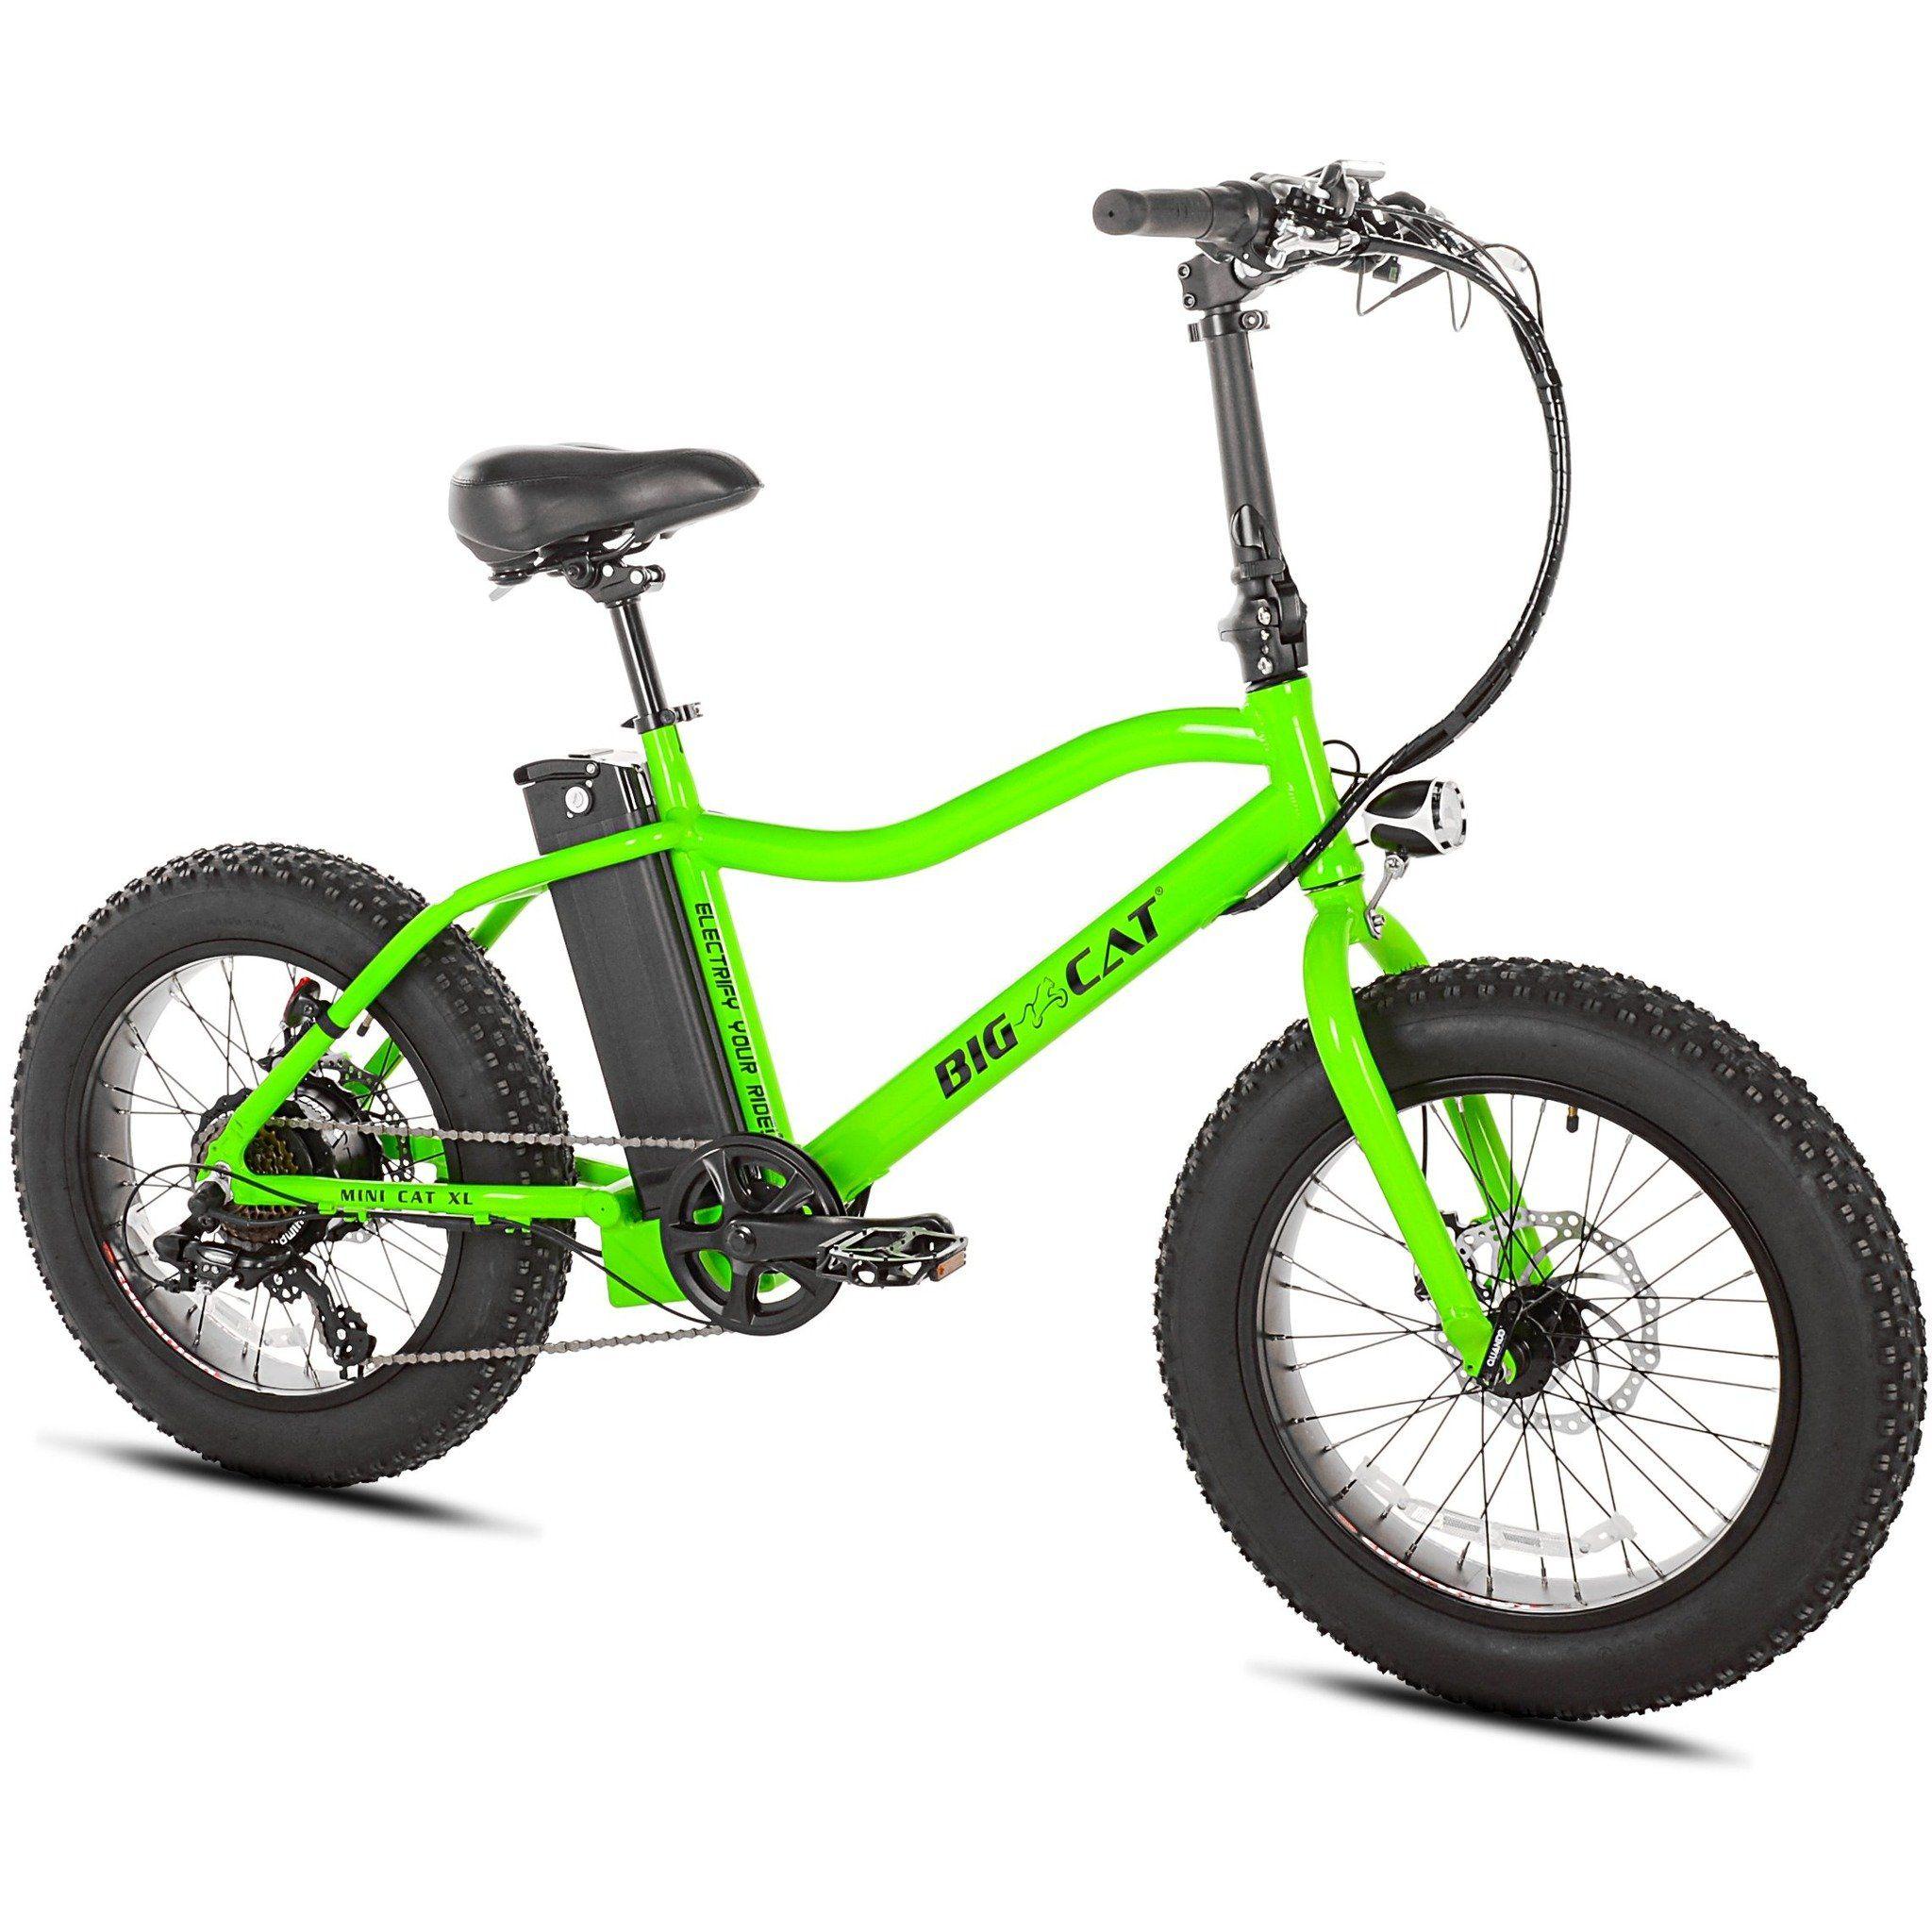 BIG CAT® Mini Cat Electric Bike Limited Run Best